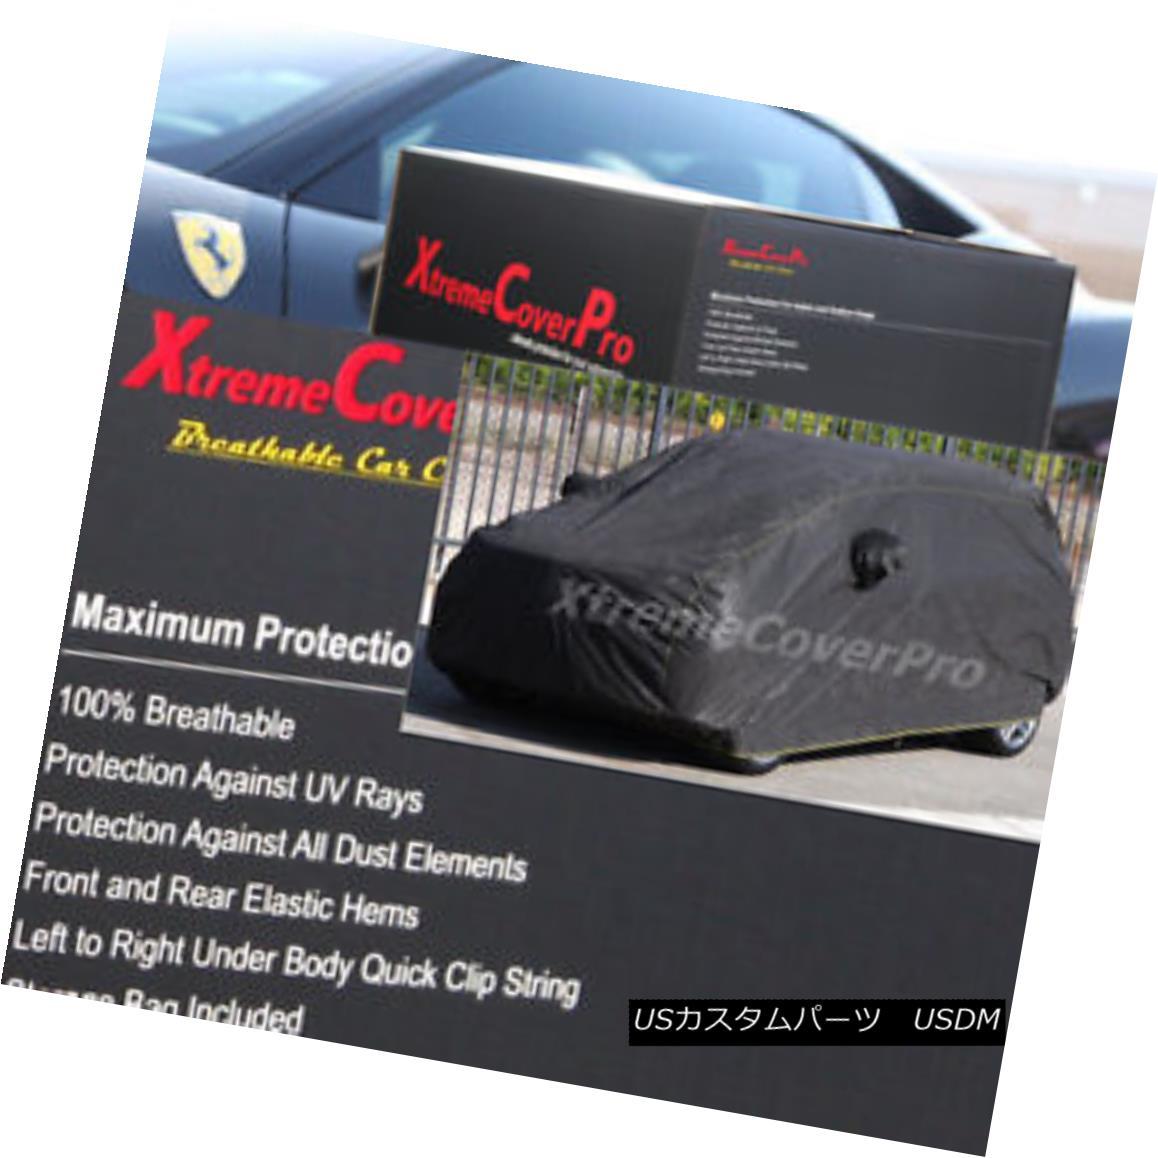 カーカバー 1998 1999 Mercedes ML320 ML350 ML430 ML500 Breathable Car Cover w/MirrorPocket 1998年1999年メルセデスML320 ML350 ML430 ML500通気性車カバー付き/ MirrorPocket